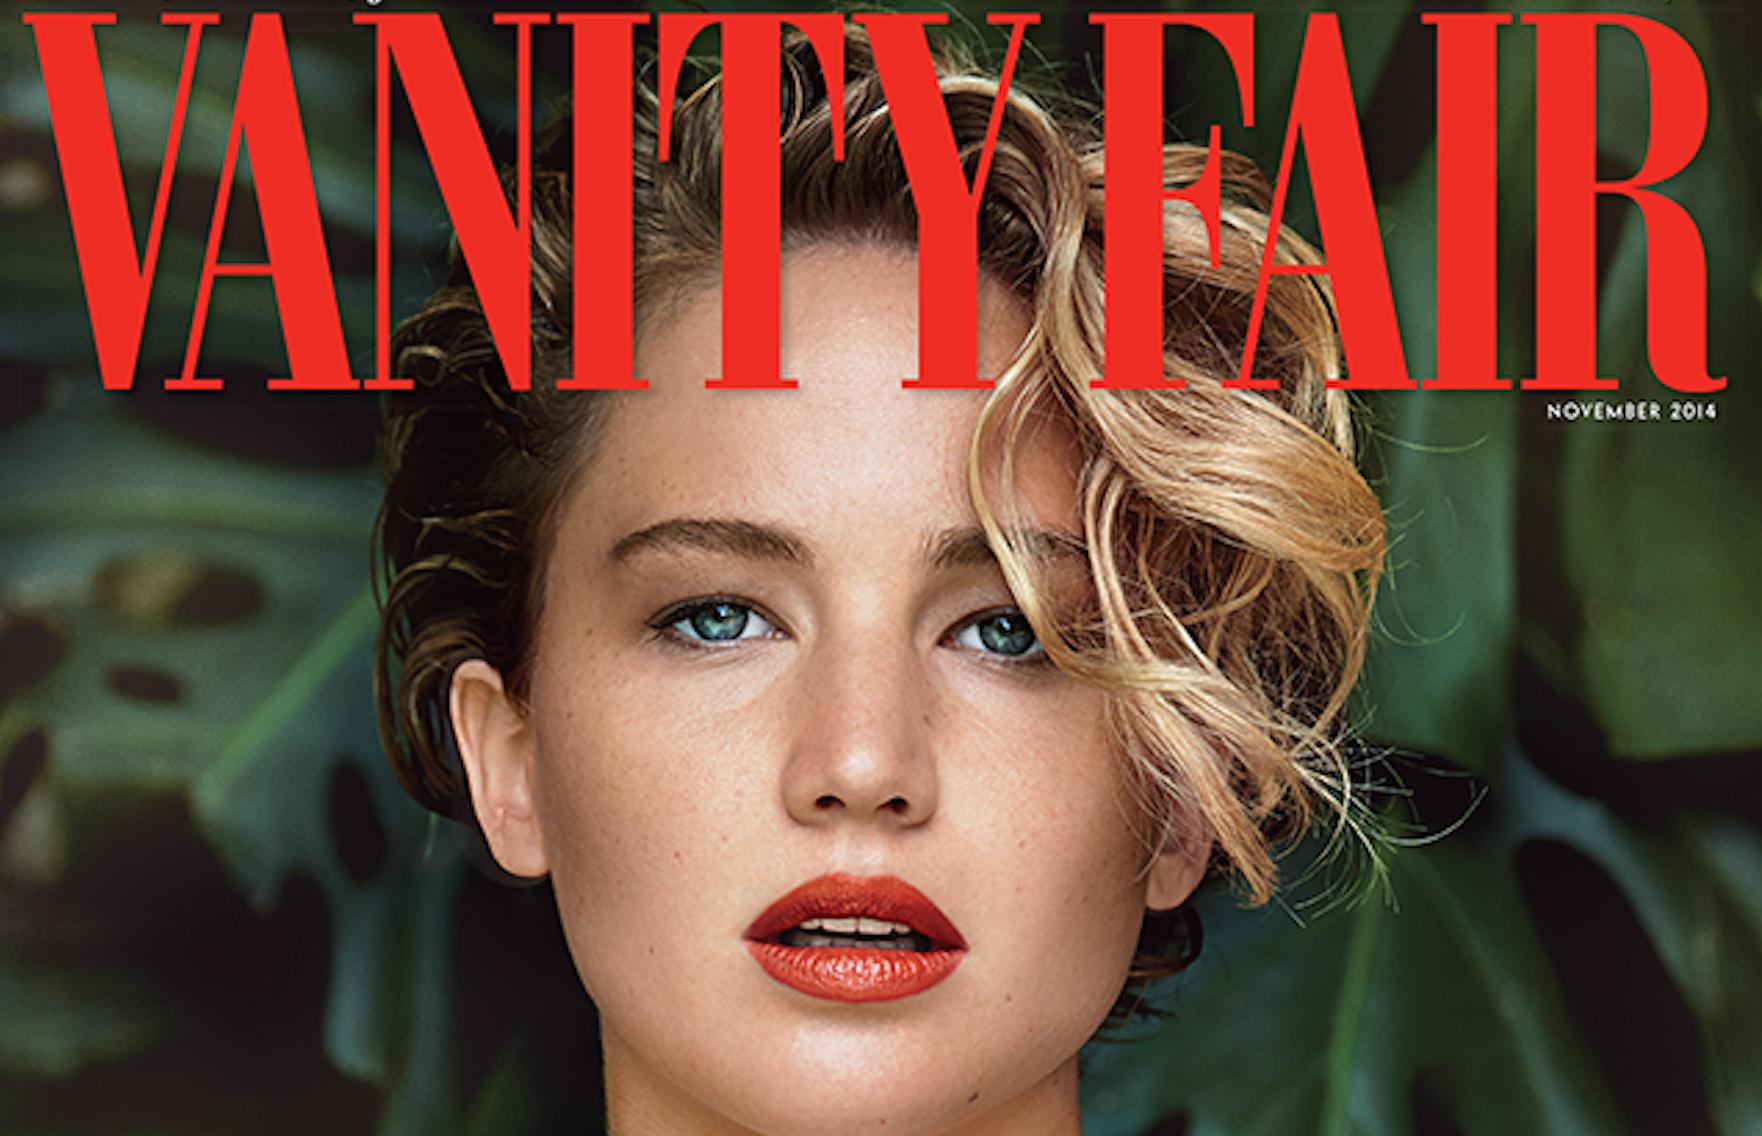 Jennifer Lawrence o wycieku zdjęć: to nie skandal, to przestępstwo seksualne, a ja nie mogę się z nią bardziej zgodzić